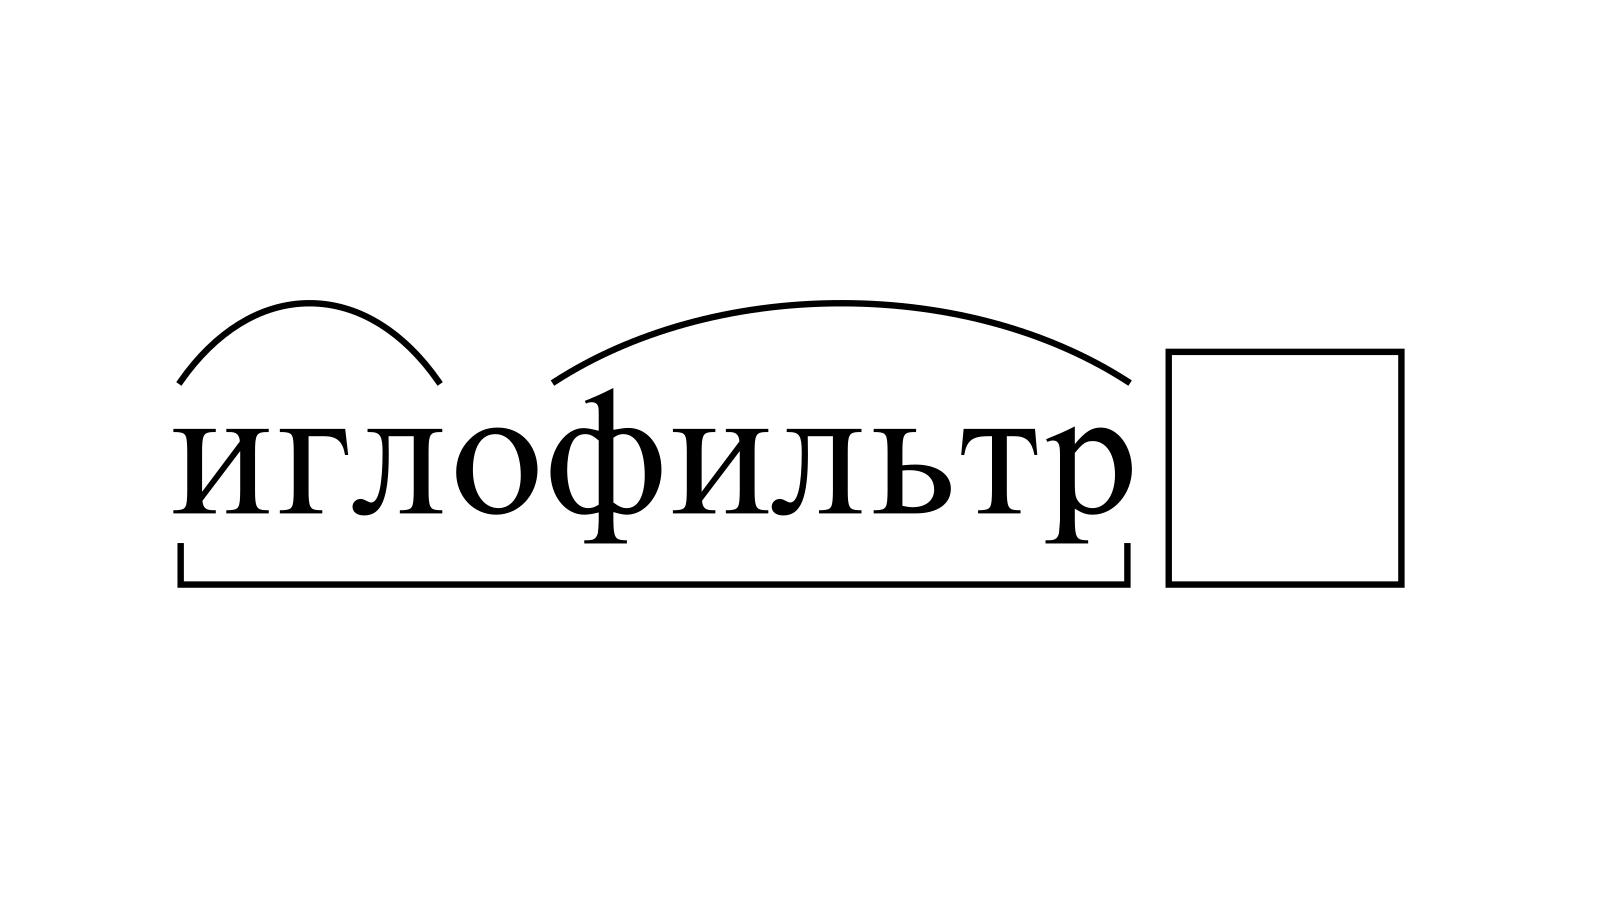 Разбор слова «иглофильтр» по составу